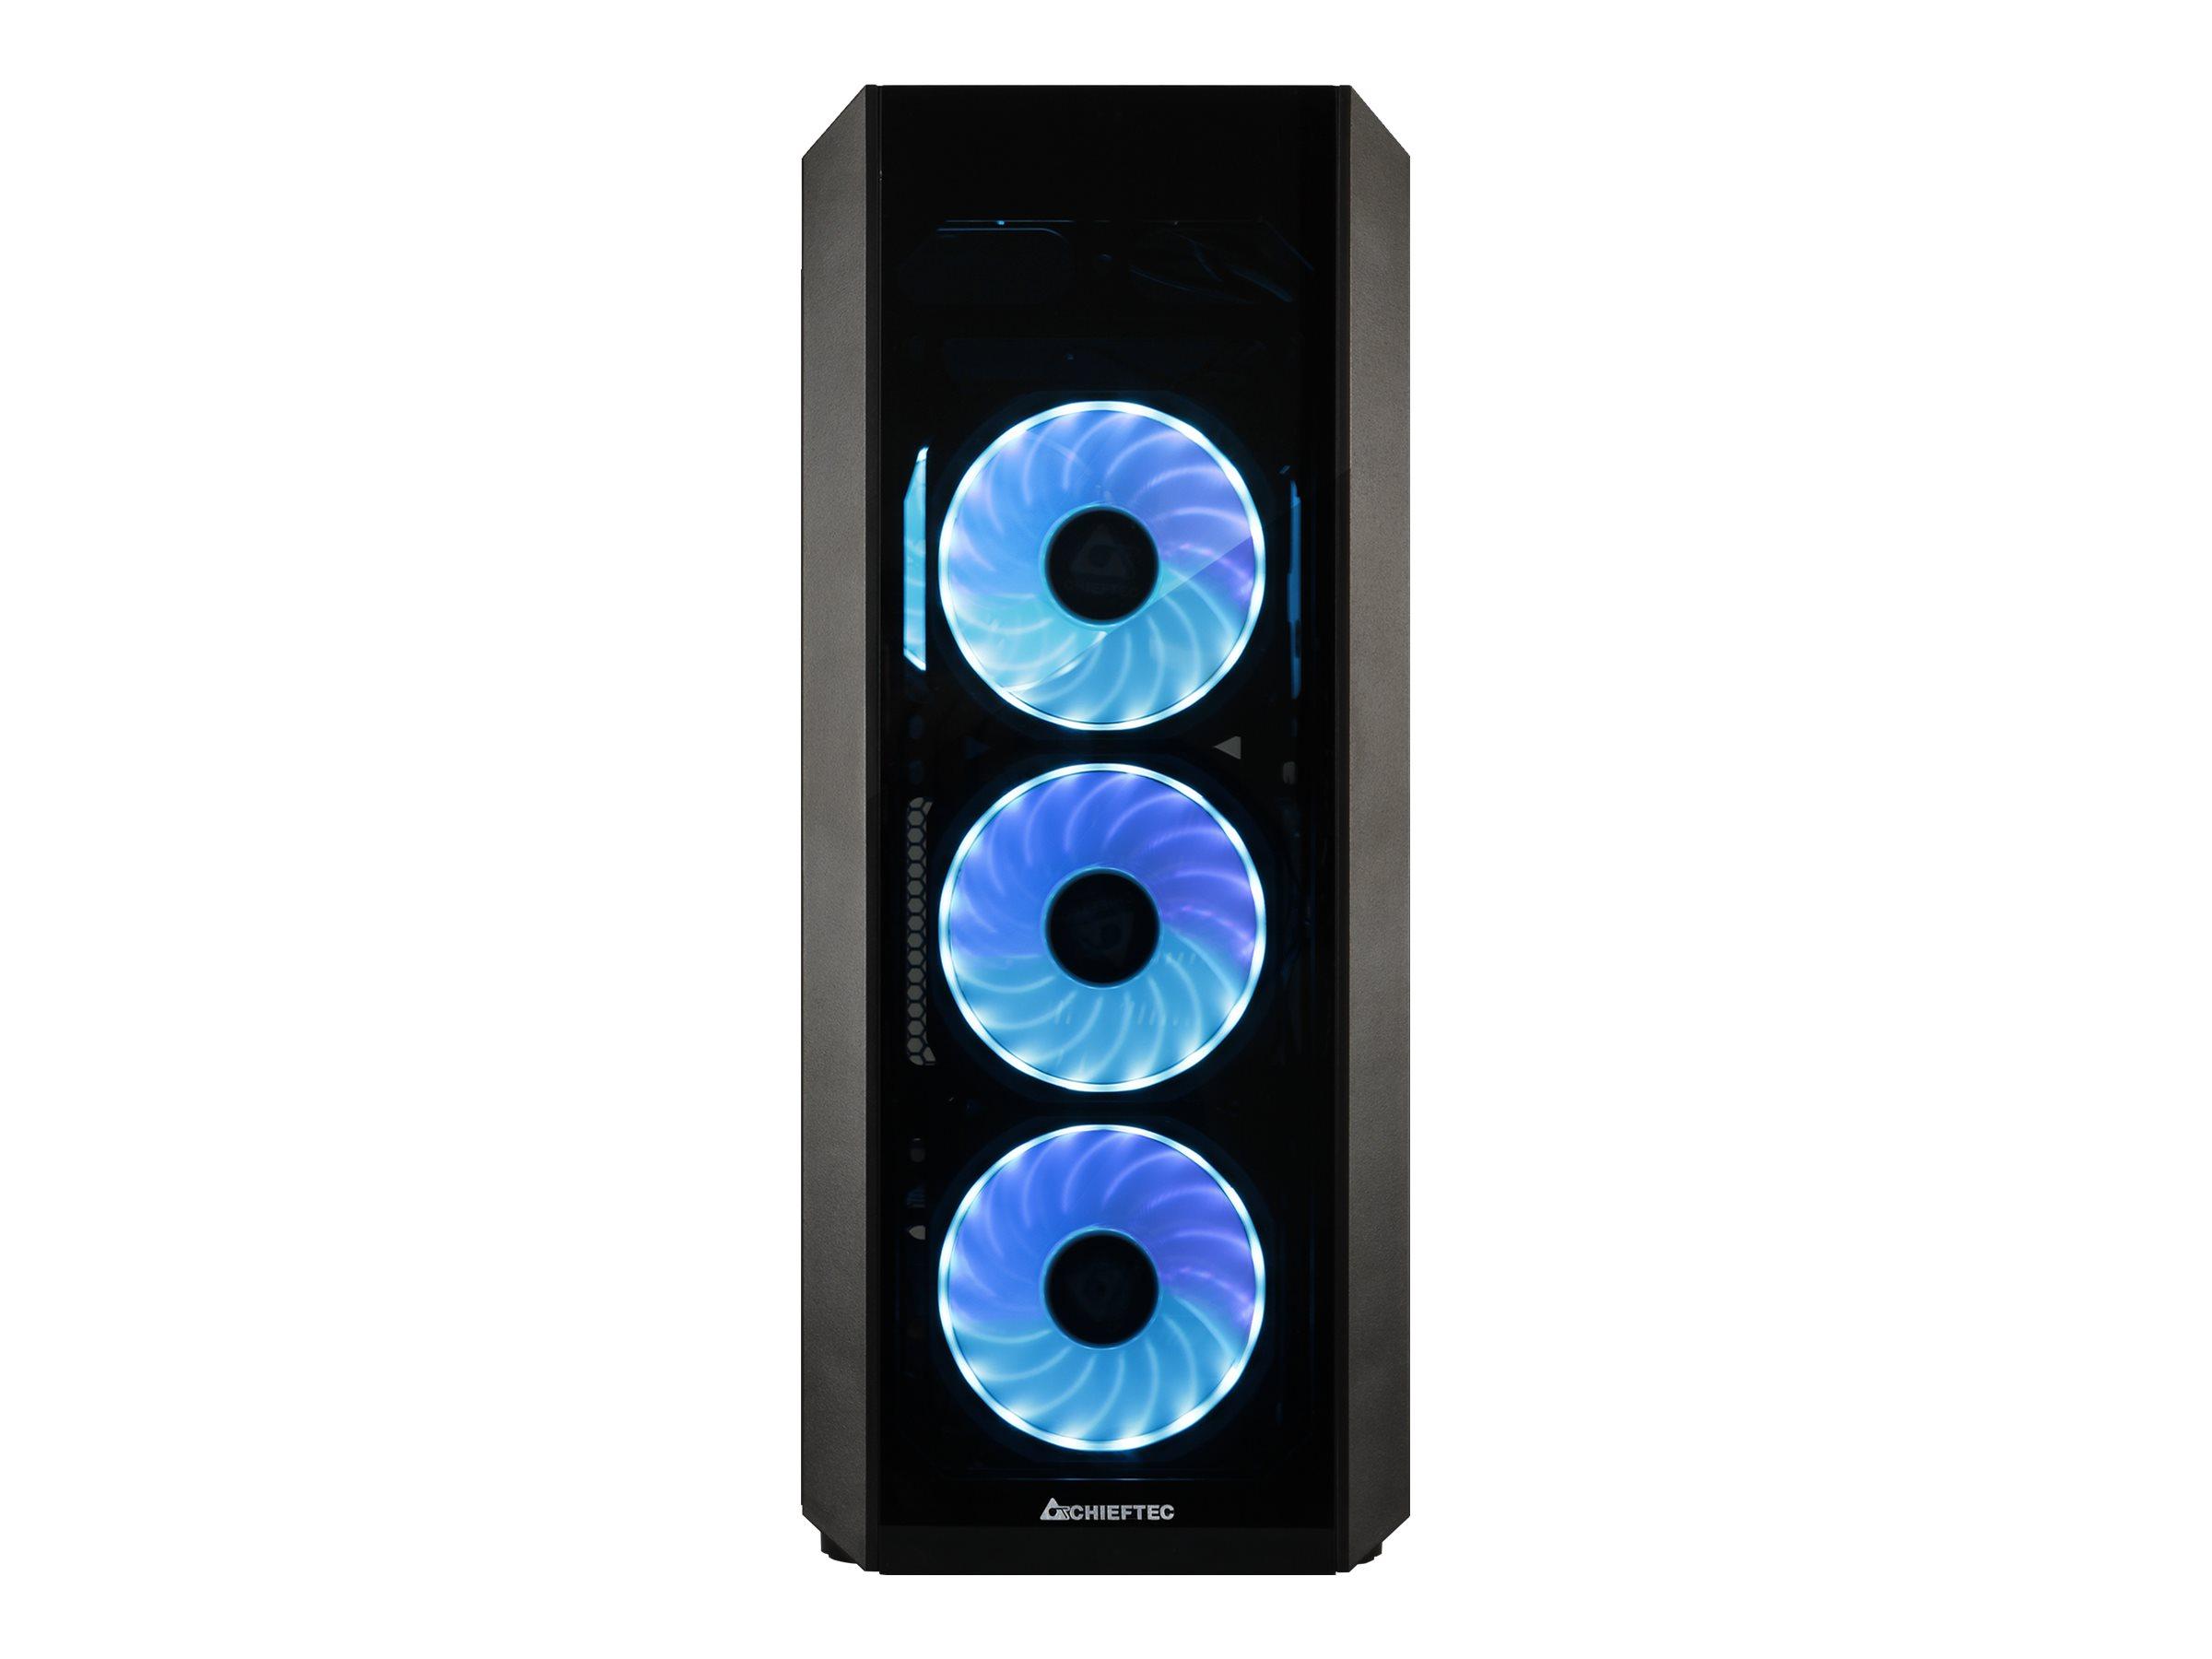 Vorschau: Chieftec Gamer Series SCORPION 3 - Tower - ATX - ohne Netzteil (ATX)